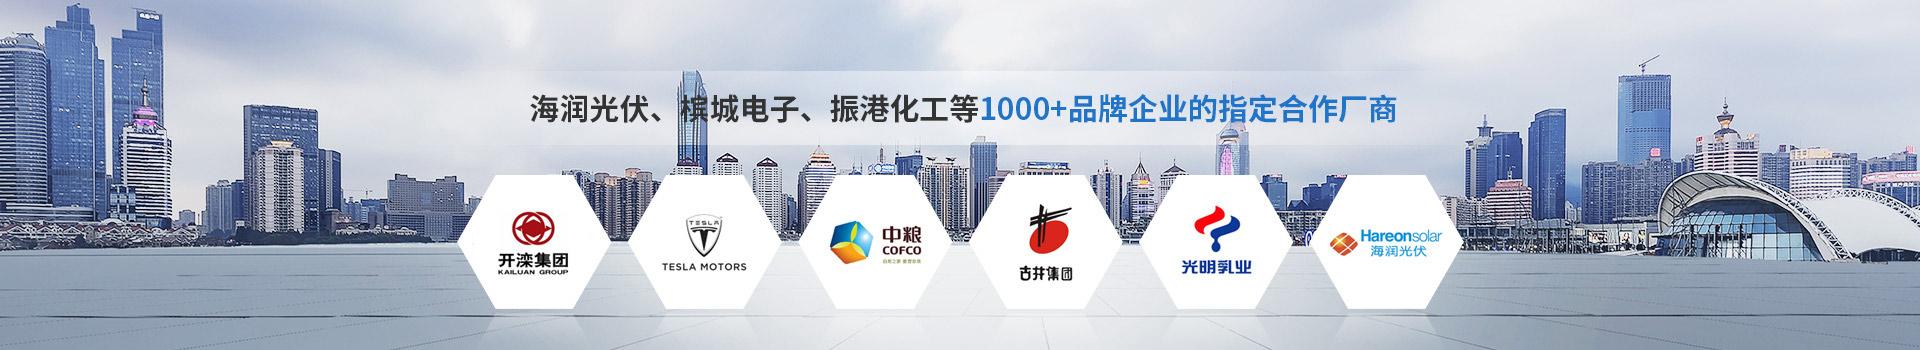 阿森河1000+企业的指定合作厂商